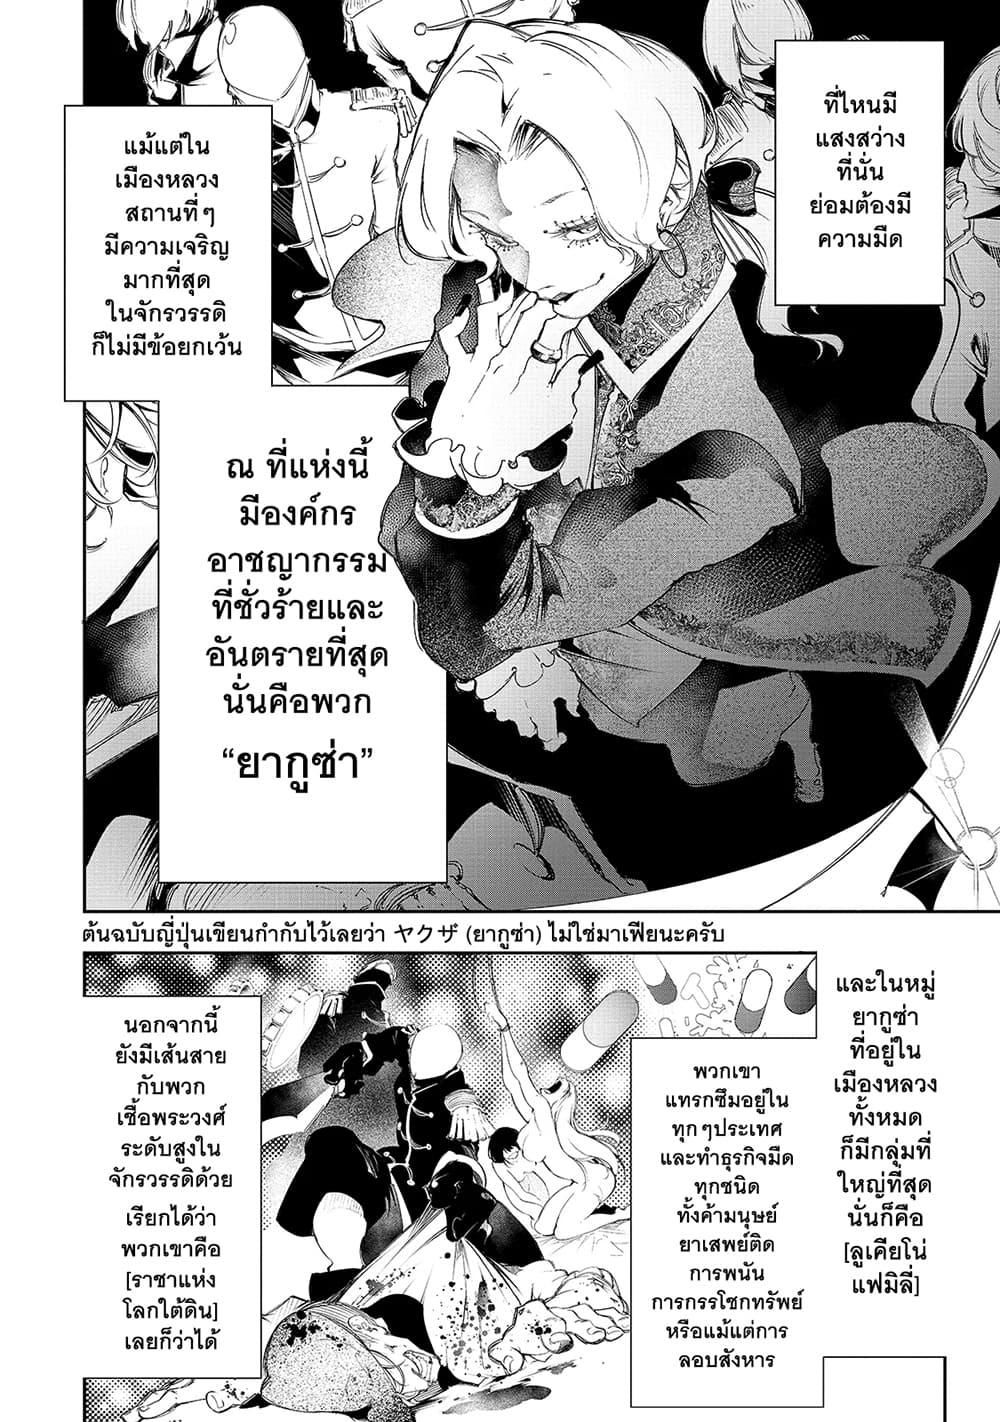 อ่านการ์ตูน Saikyou no Shien-shoku Wajutsushi Dearu Ore wa Sekai Saikyou Kuran o Shitagaeru ตอนที่ 7 หน้าที่ 3